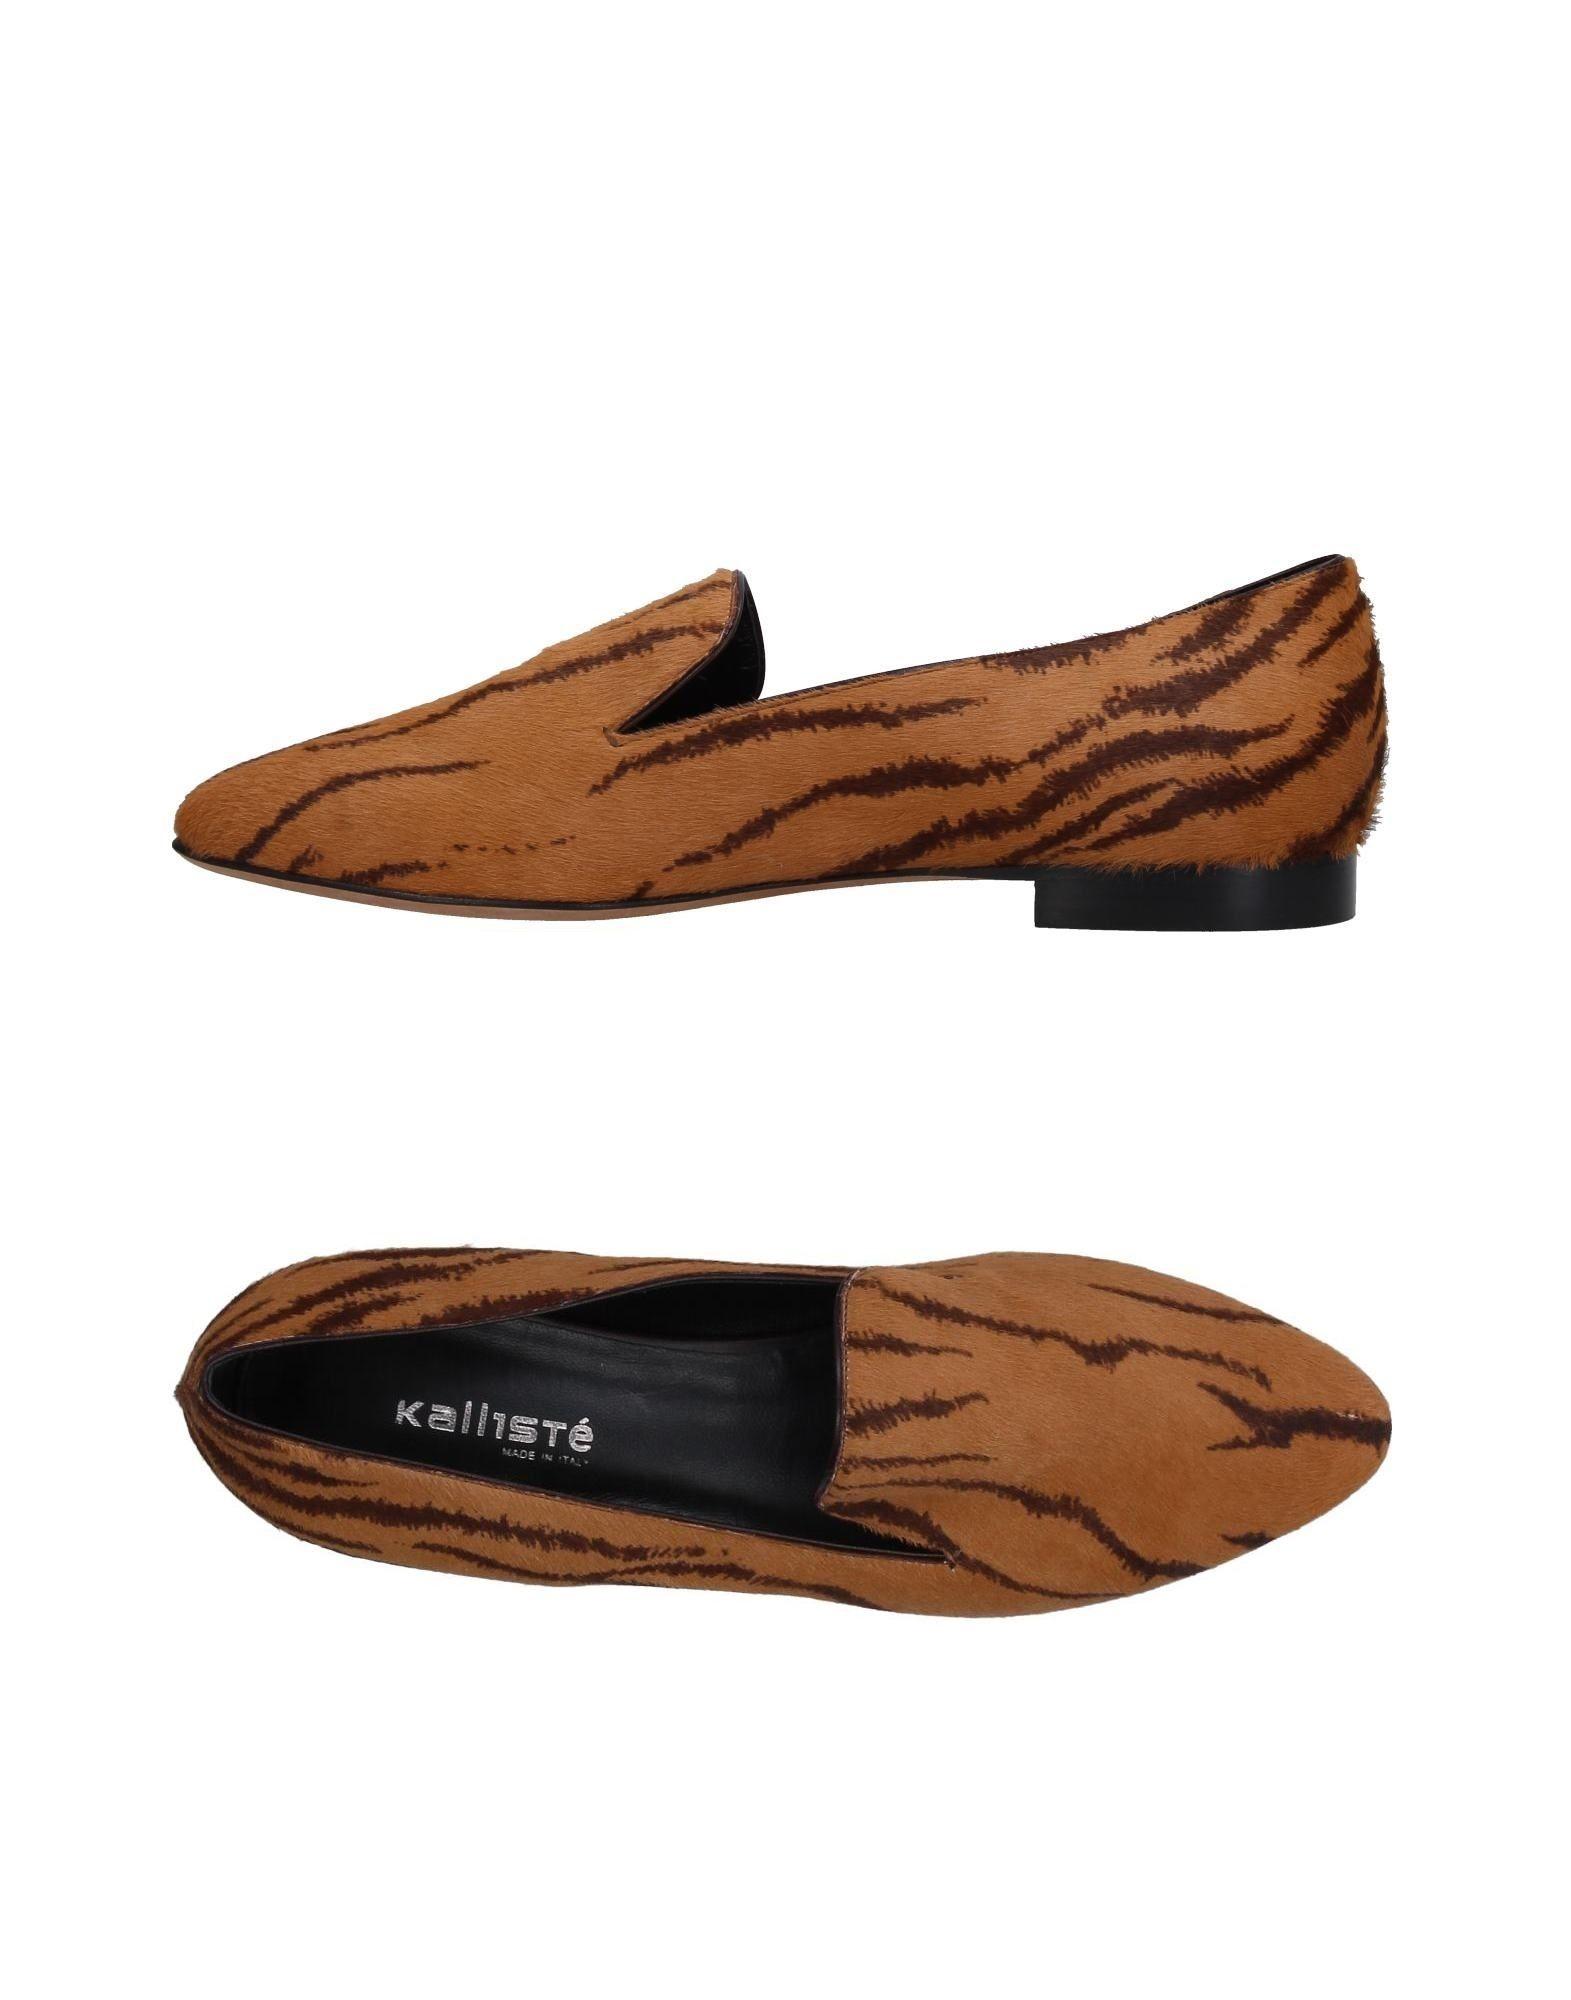 Kallistè Mokassins Damen  11371128HS Gute Qualität beliebte Schuhe